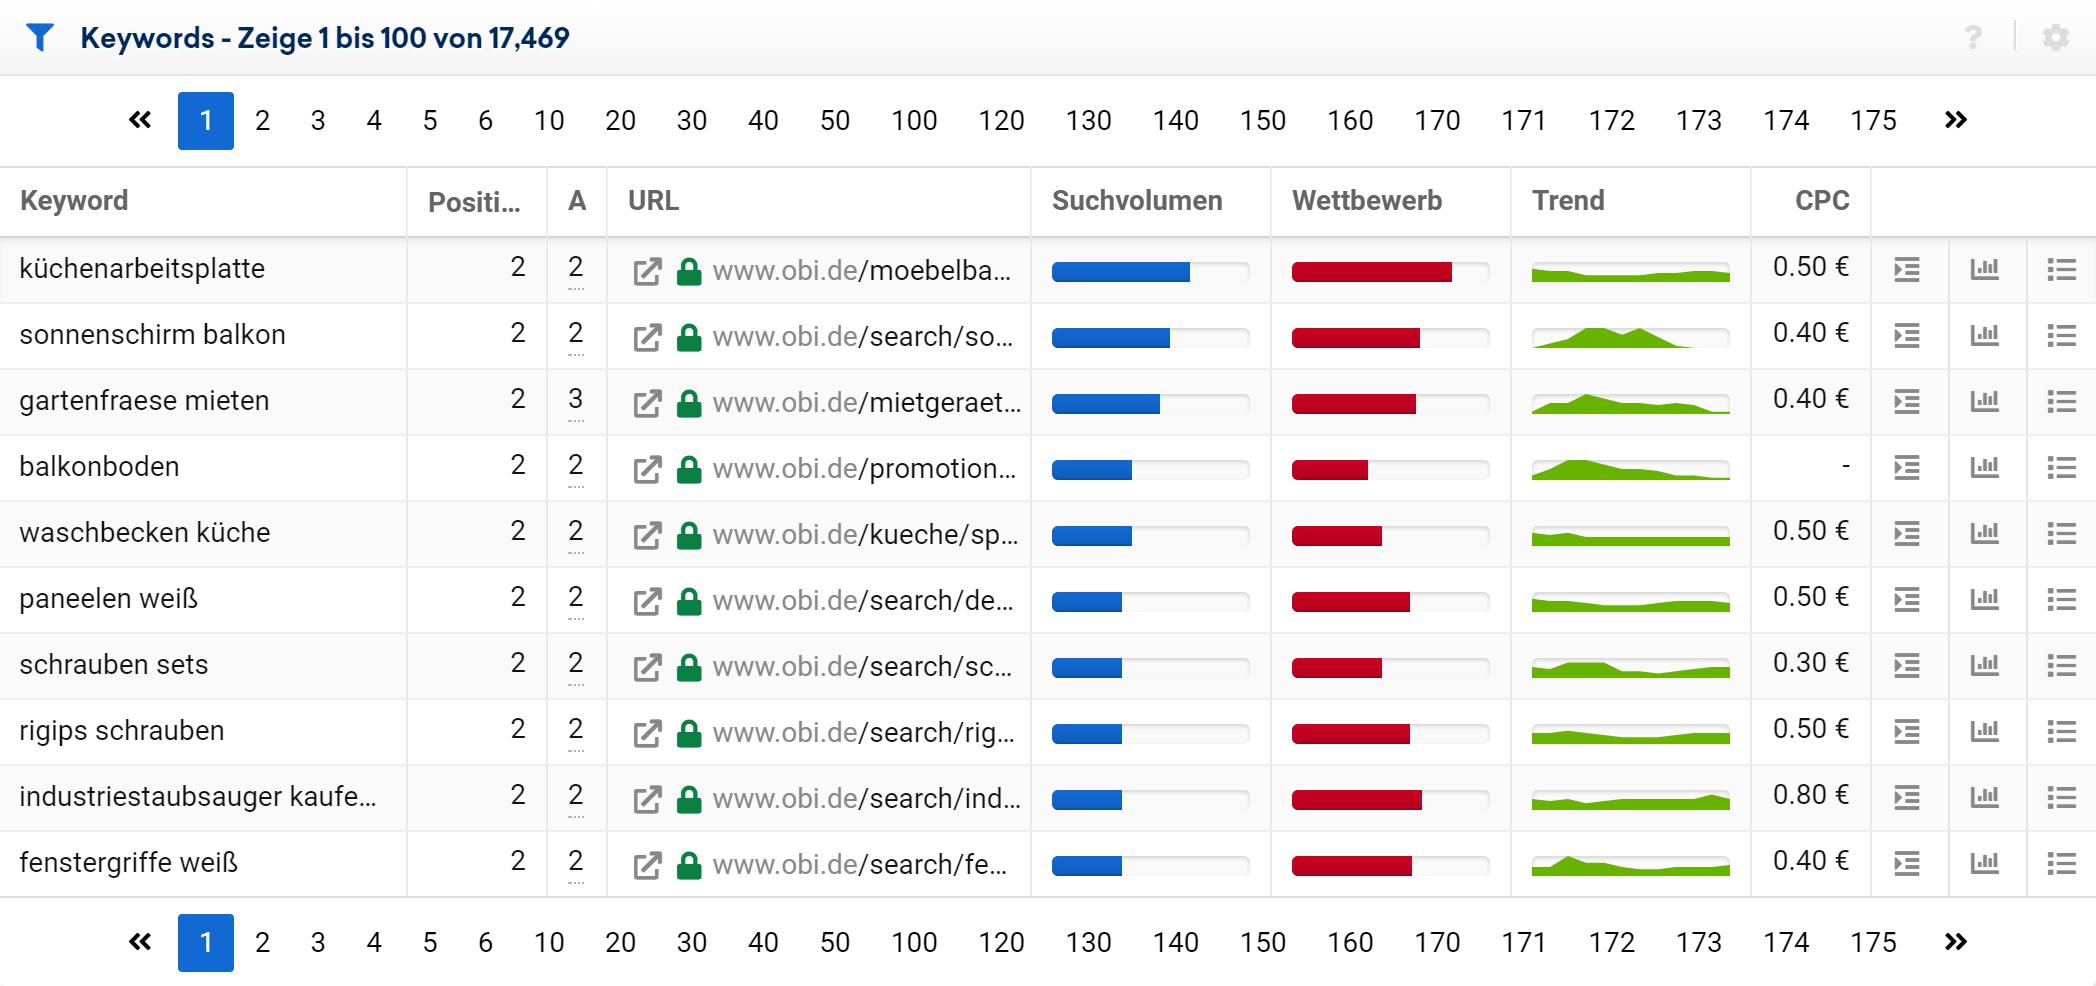 Keyword-Tabelle mit dem vorgefertigten Filter Keyword-Kannibalismus anzeigen für obi.de. Eingeschränkt auf die Positionen 2-20 und ohne Brandkeywords.